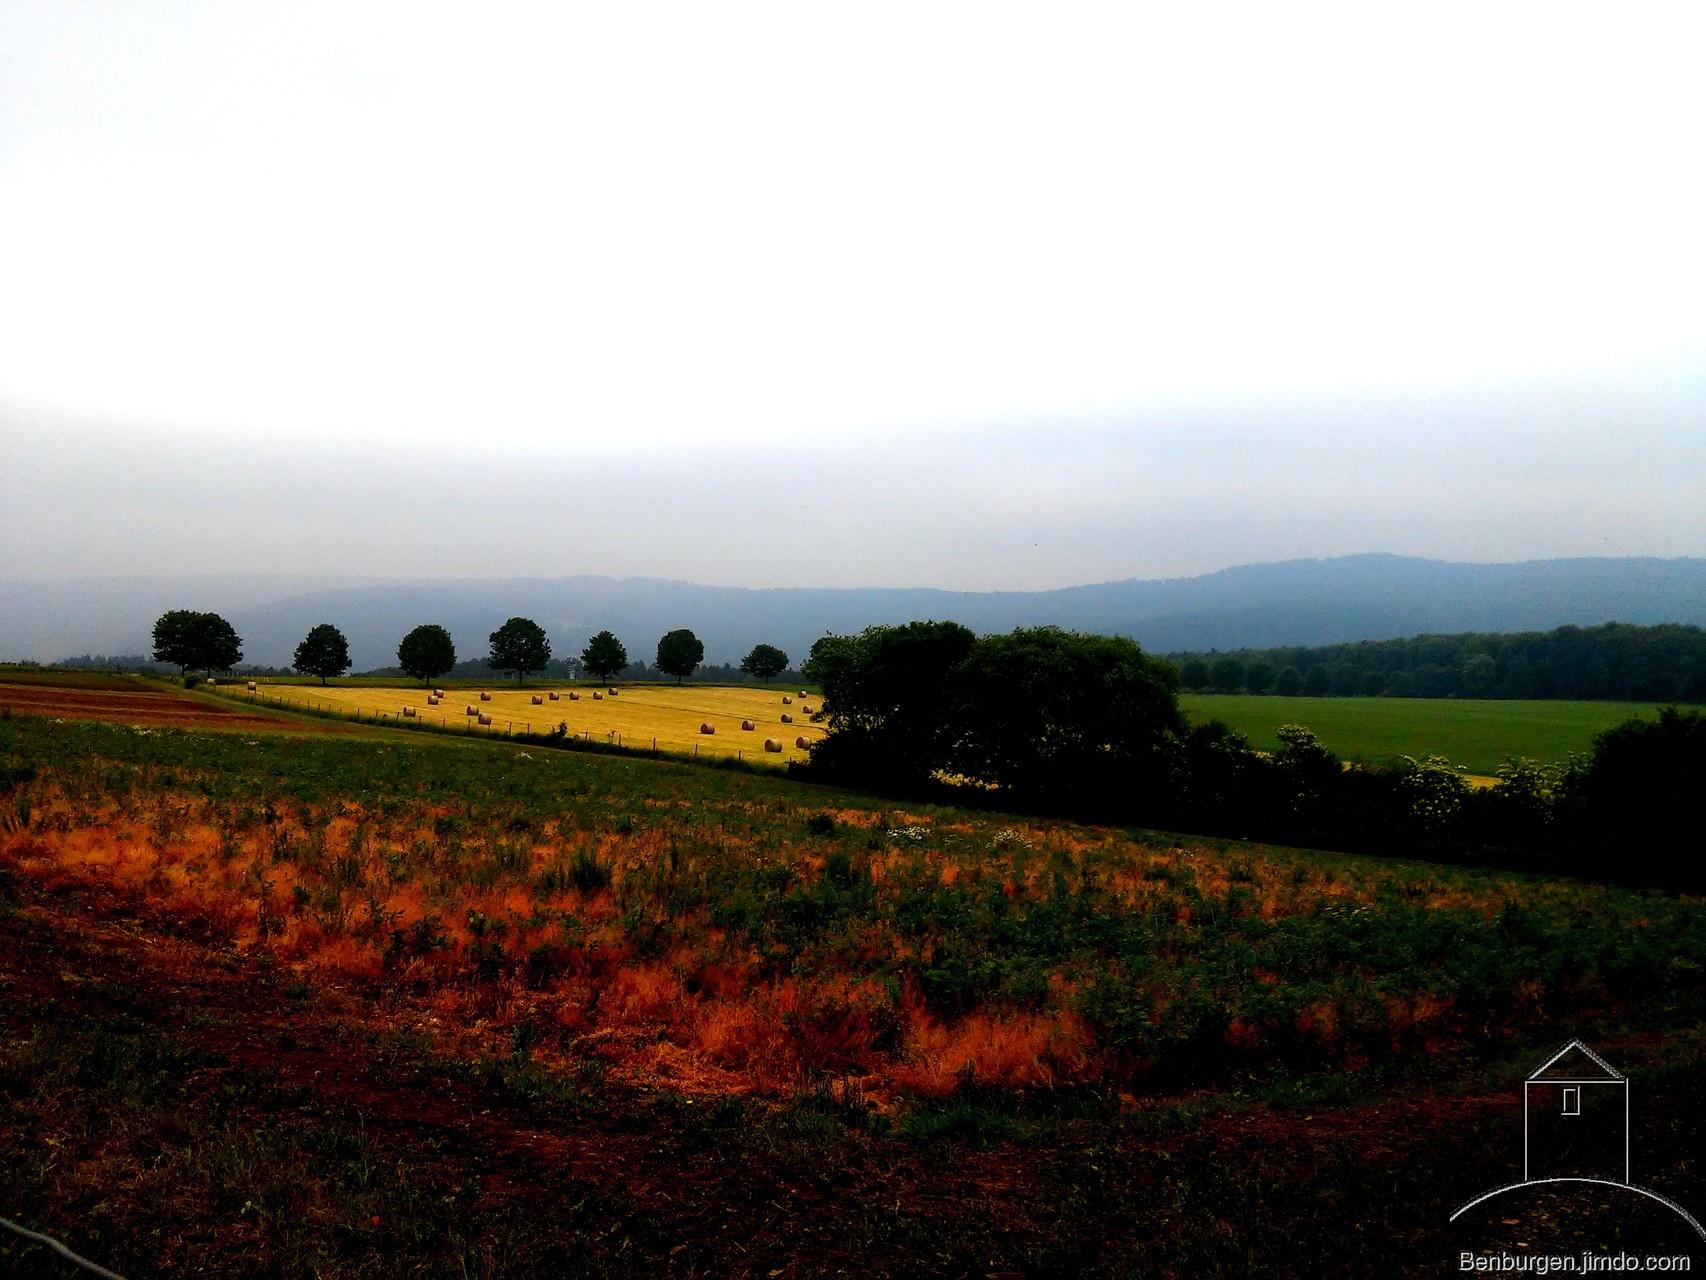 Wiesen und Felder bei Eitelborn